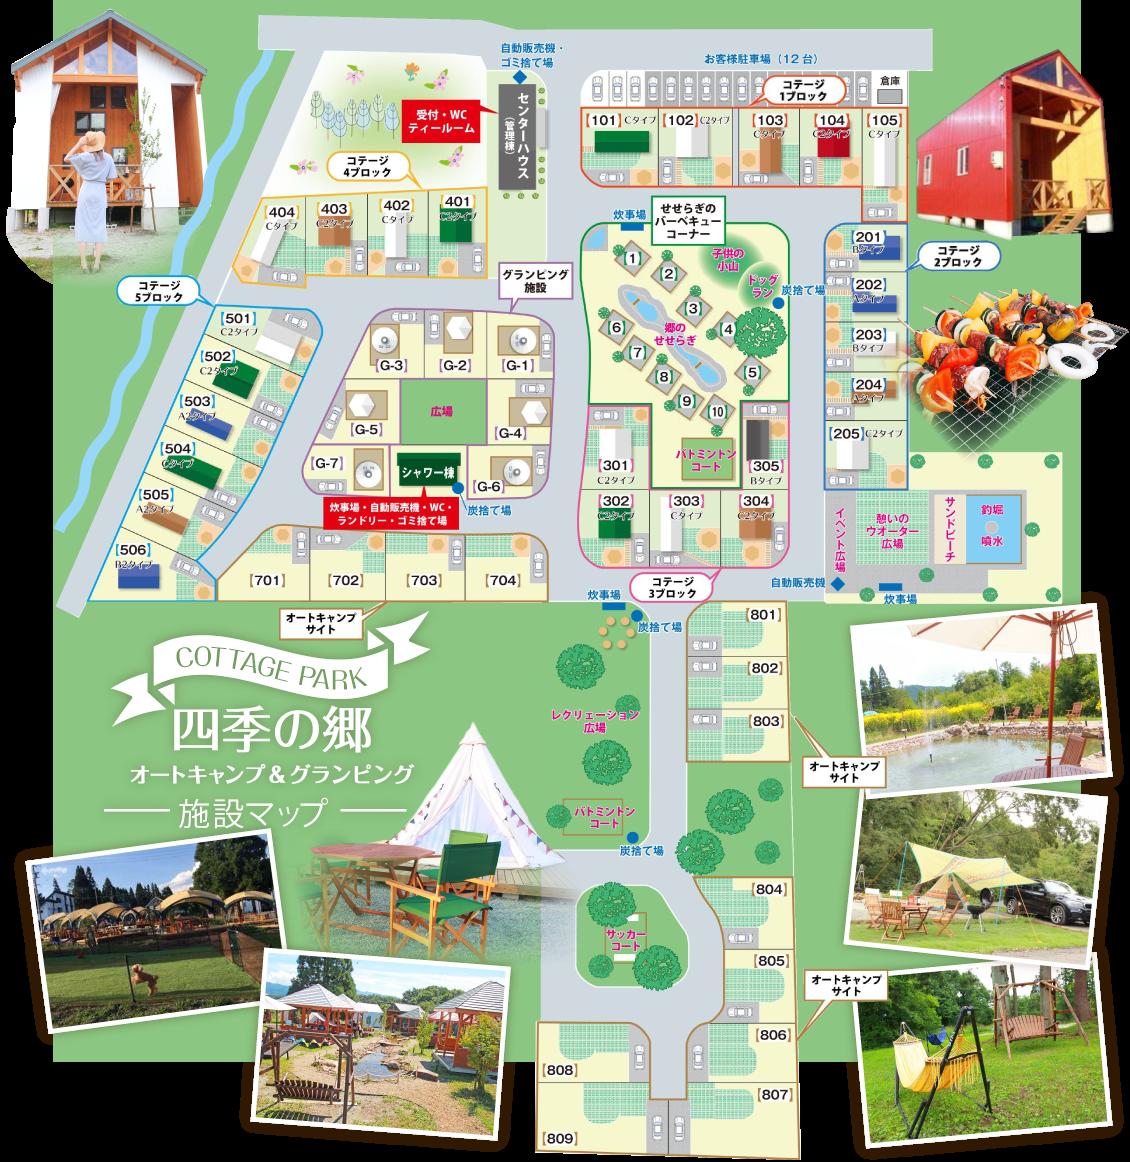 ひるがの高原コテージパーク四季の郷 全体マップ